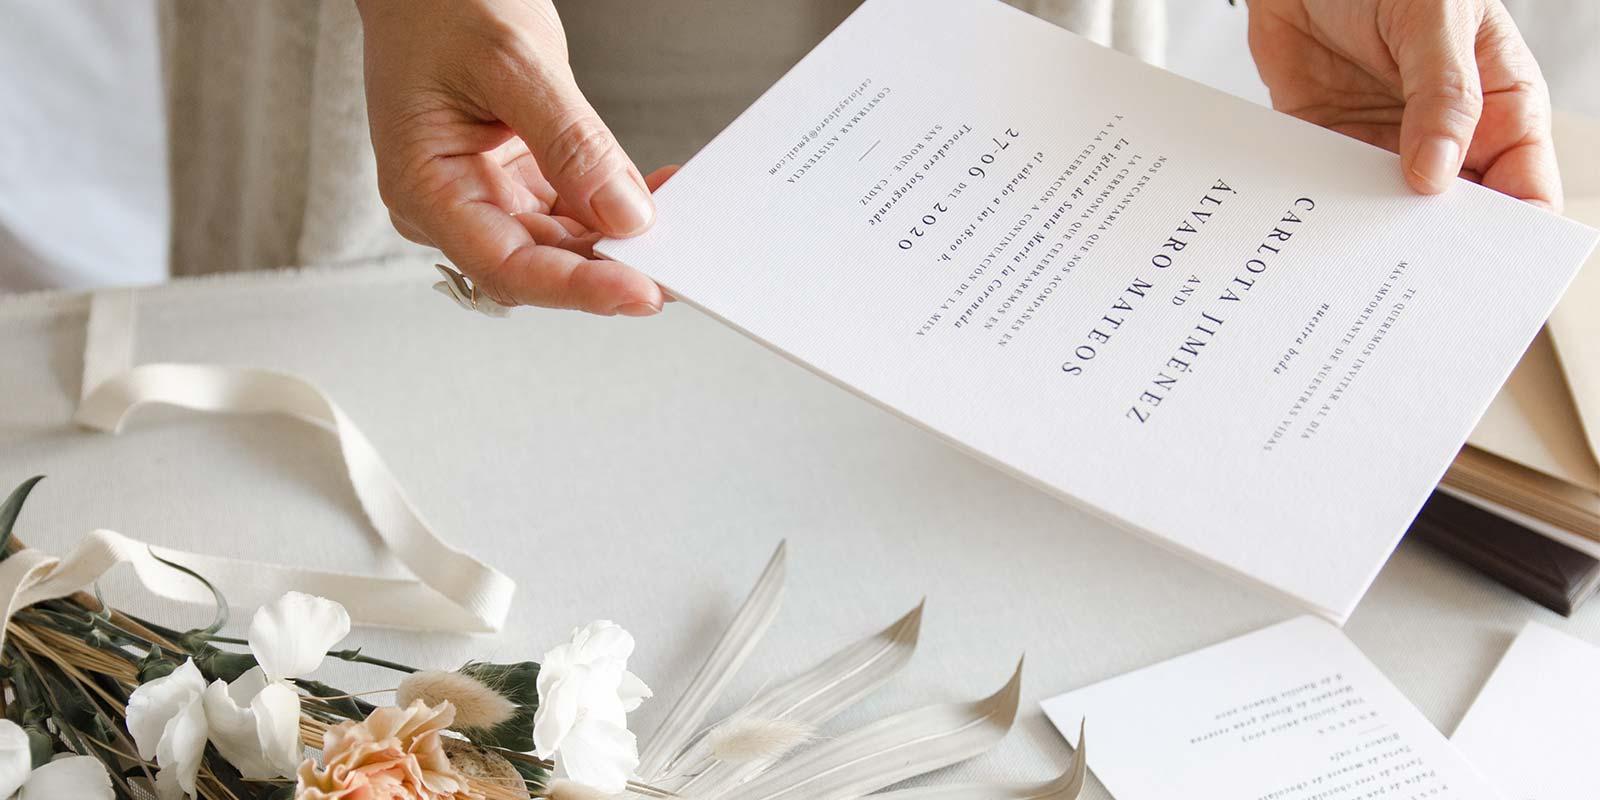 manos sujetando invitacion de boda blanca